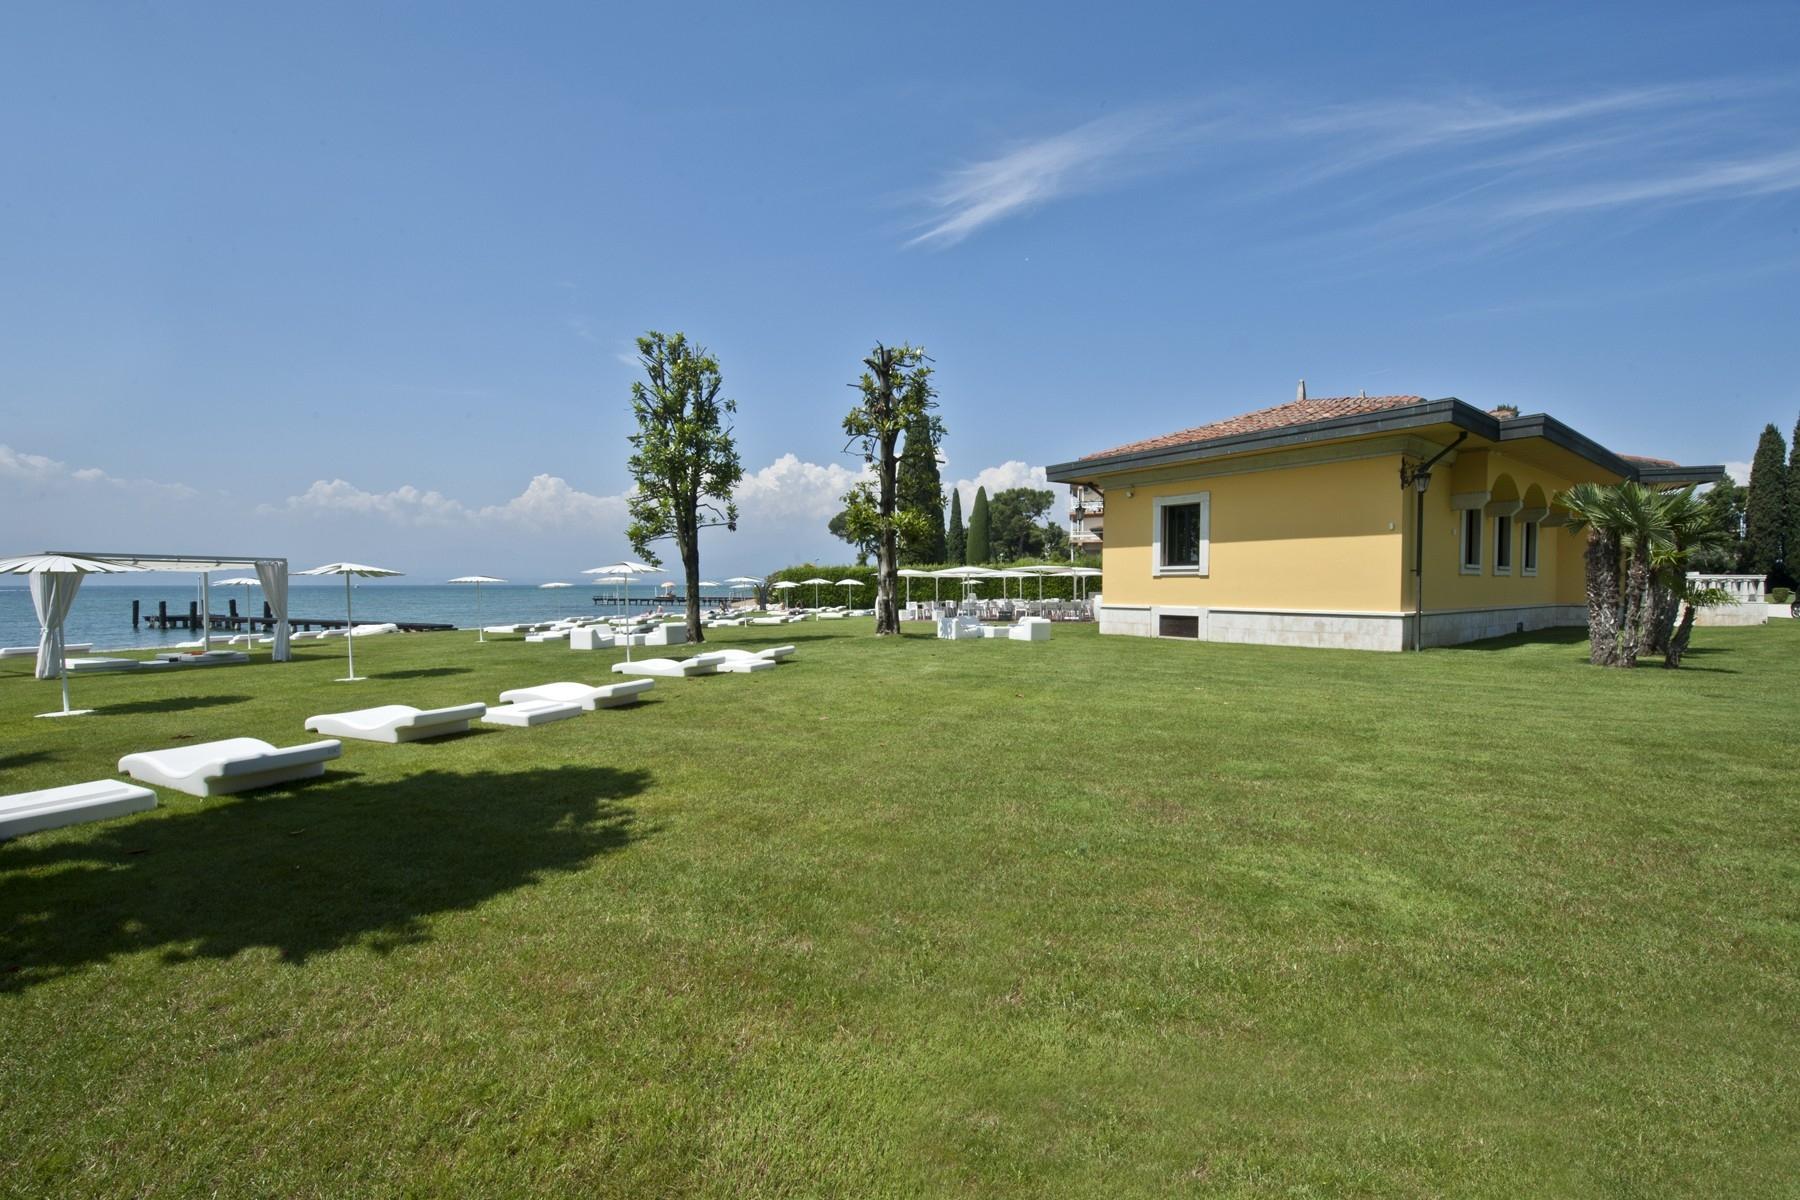 Einzigartige Pied dans l'Eau-Villa in Sirmione, mit Strand und Liegeplatz - 7